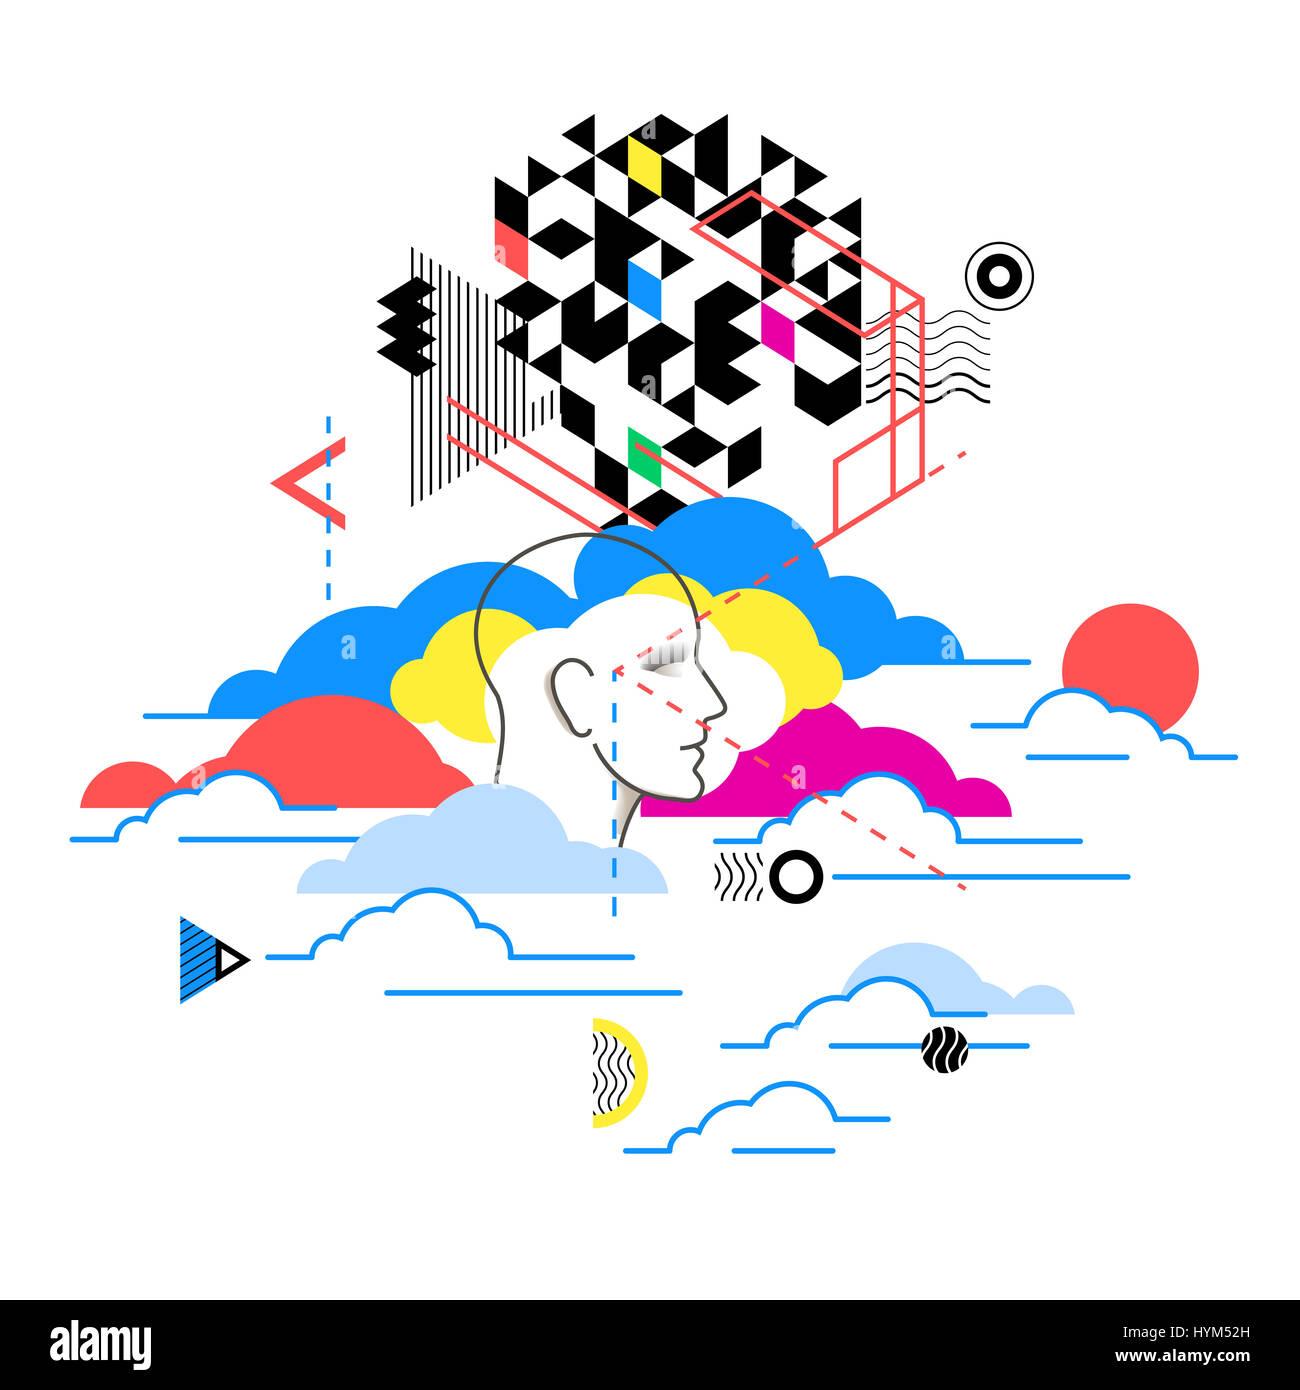 Cloud-computing-Dienste, Technologie-Metapher. Web-Design, Illustration Marketingkonzept.  Zusammenfassung Hintergrund Stockfoto